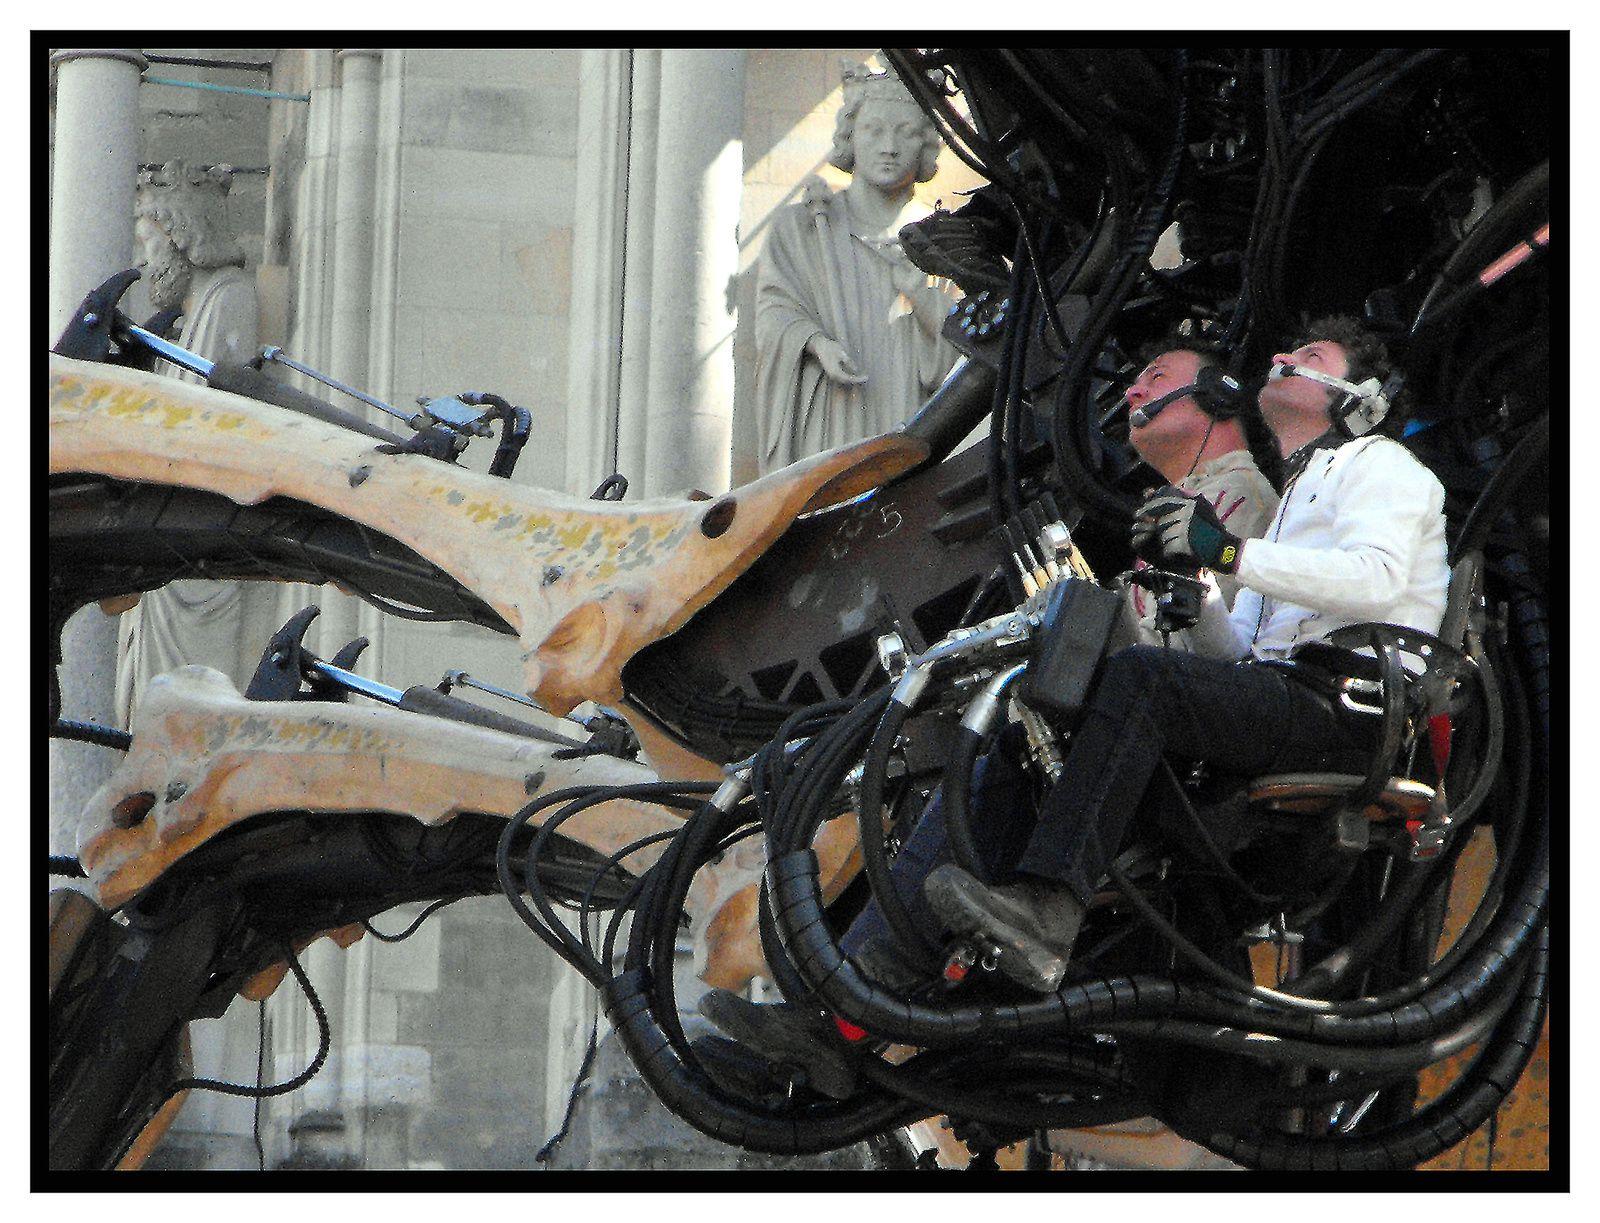 LA MACHINE: Une araignée a Reims en Avril 2011.